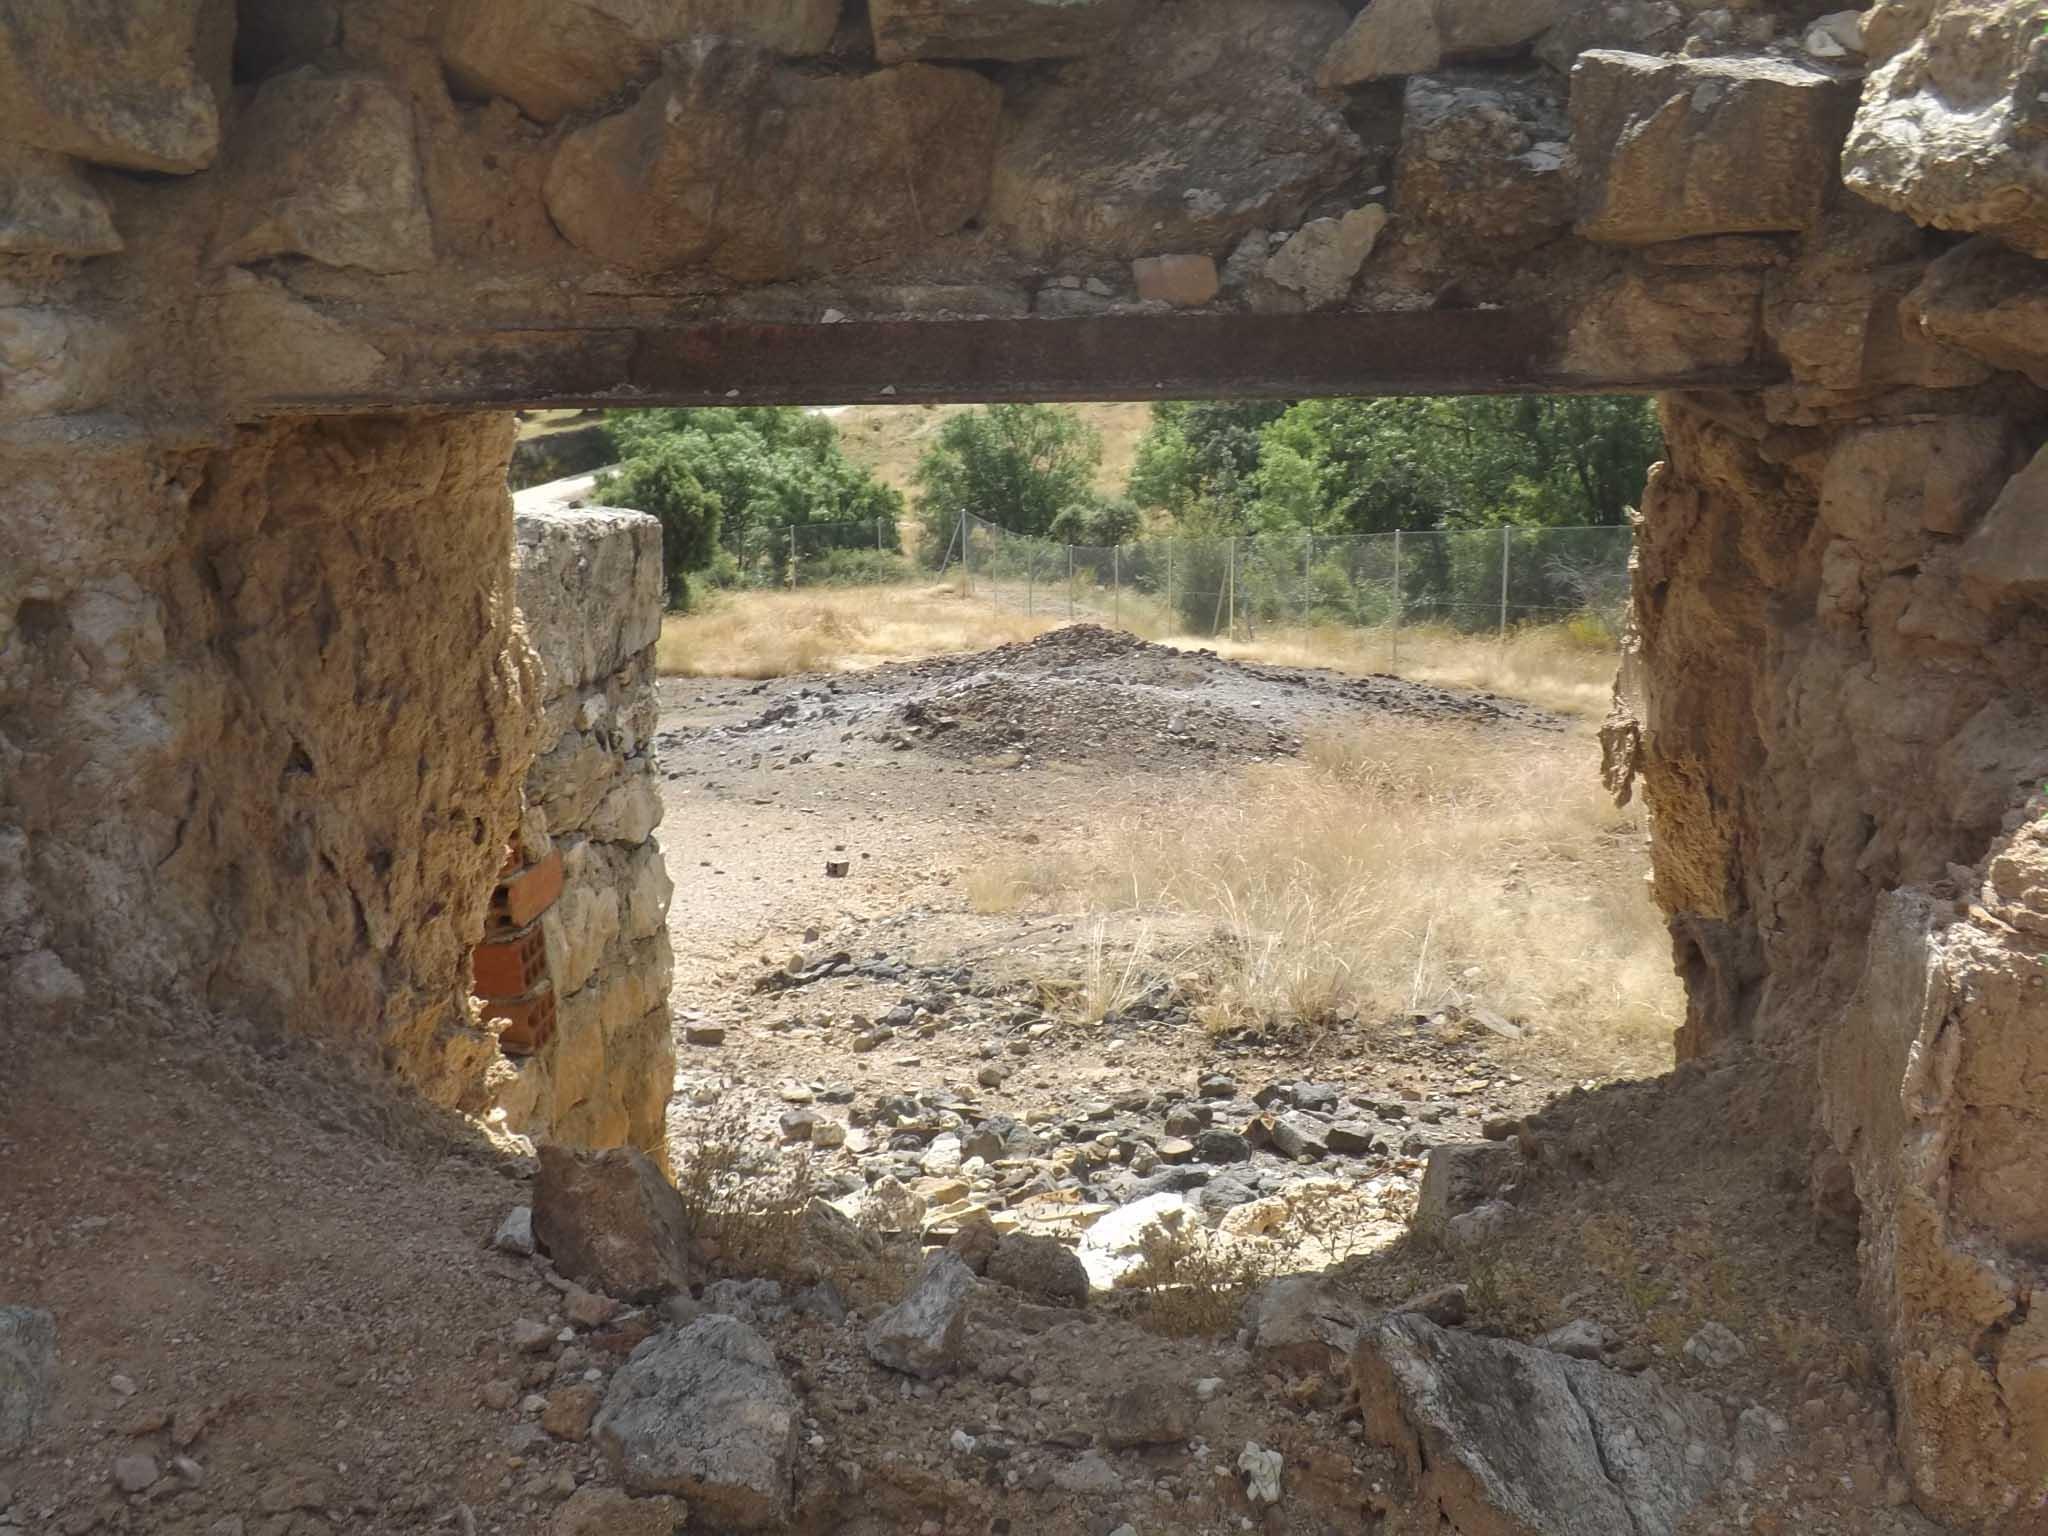 Residuos de arsénico: La herencia de Hitler en las minas de wolframio de Madrid. Pedro Pozas. Proyecto Gran Simio